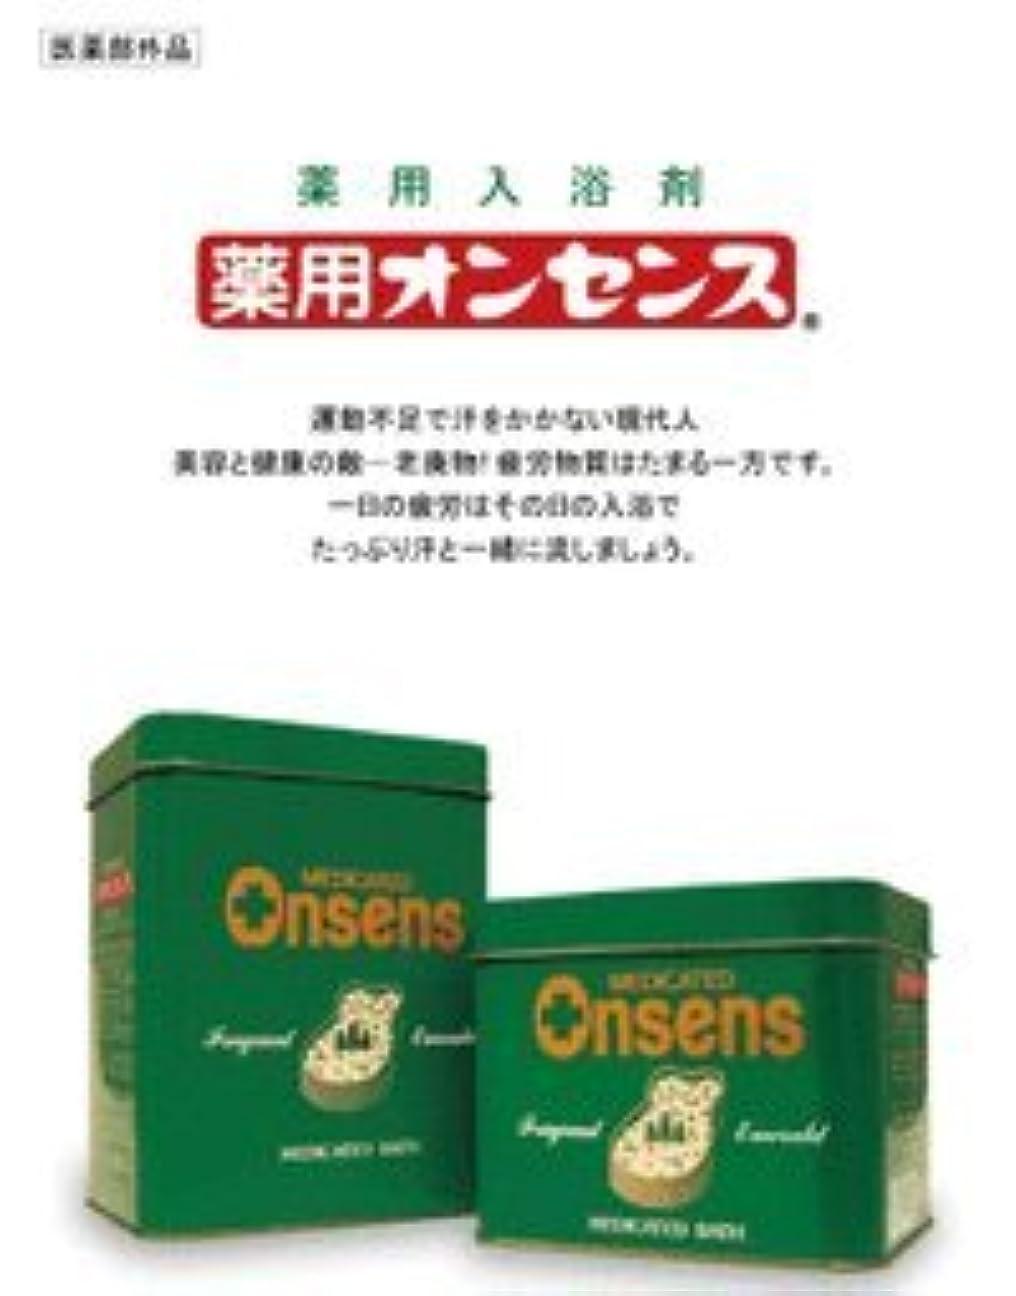 リーダーシップフローティング後世薬用オンセンス 1.4kg缶 薬用入浴剤 松葉エキス(松柏科植物の製油) 入浴剤 医薬部外品